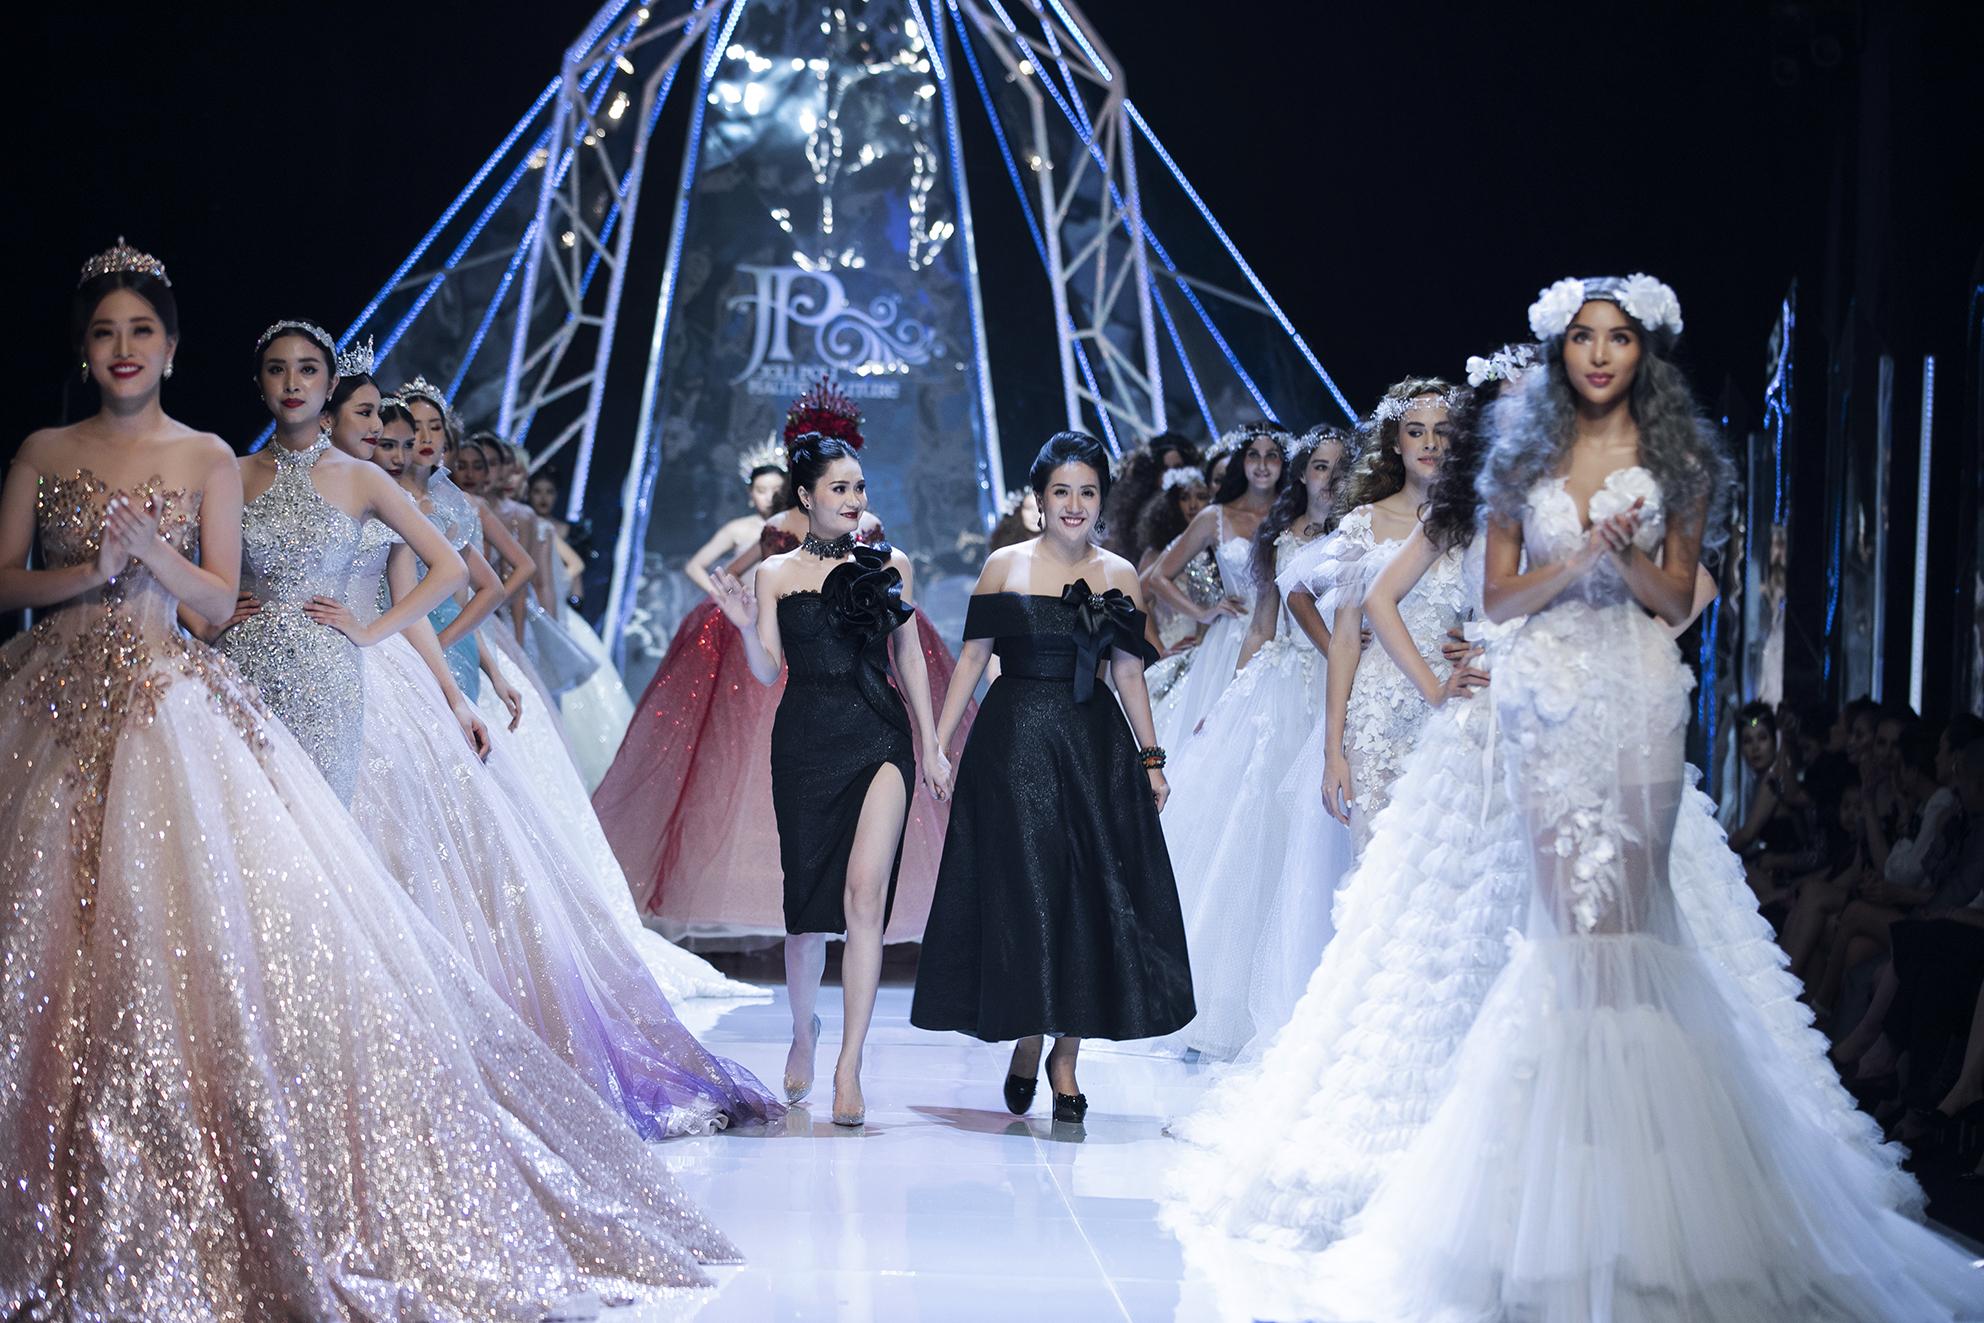 Đối lập Hương Giang sắc lạnh, hoa hậu Tiểu Vy catwalk như một 'thiên thần' - Ảnh 1